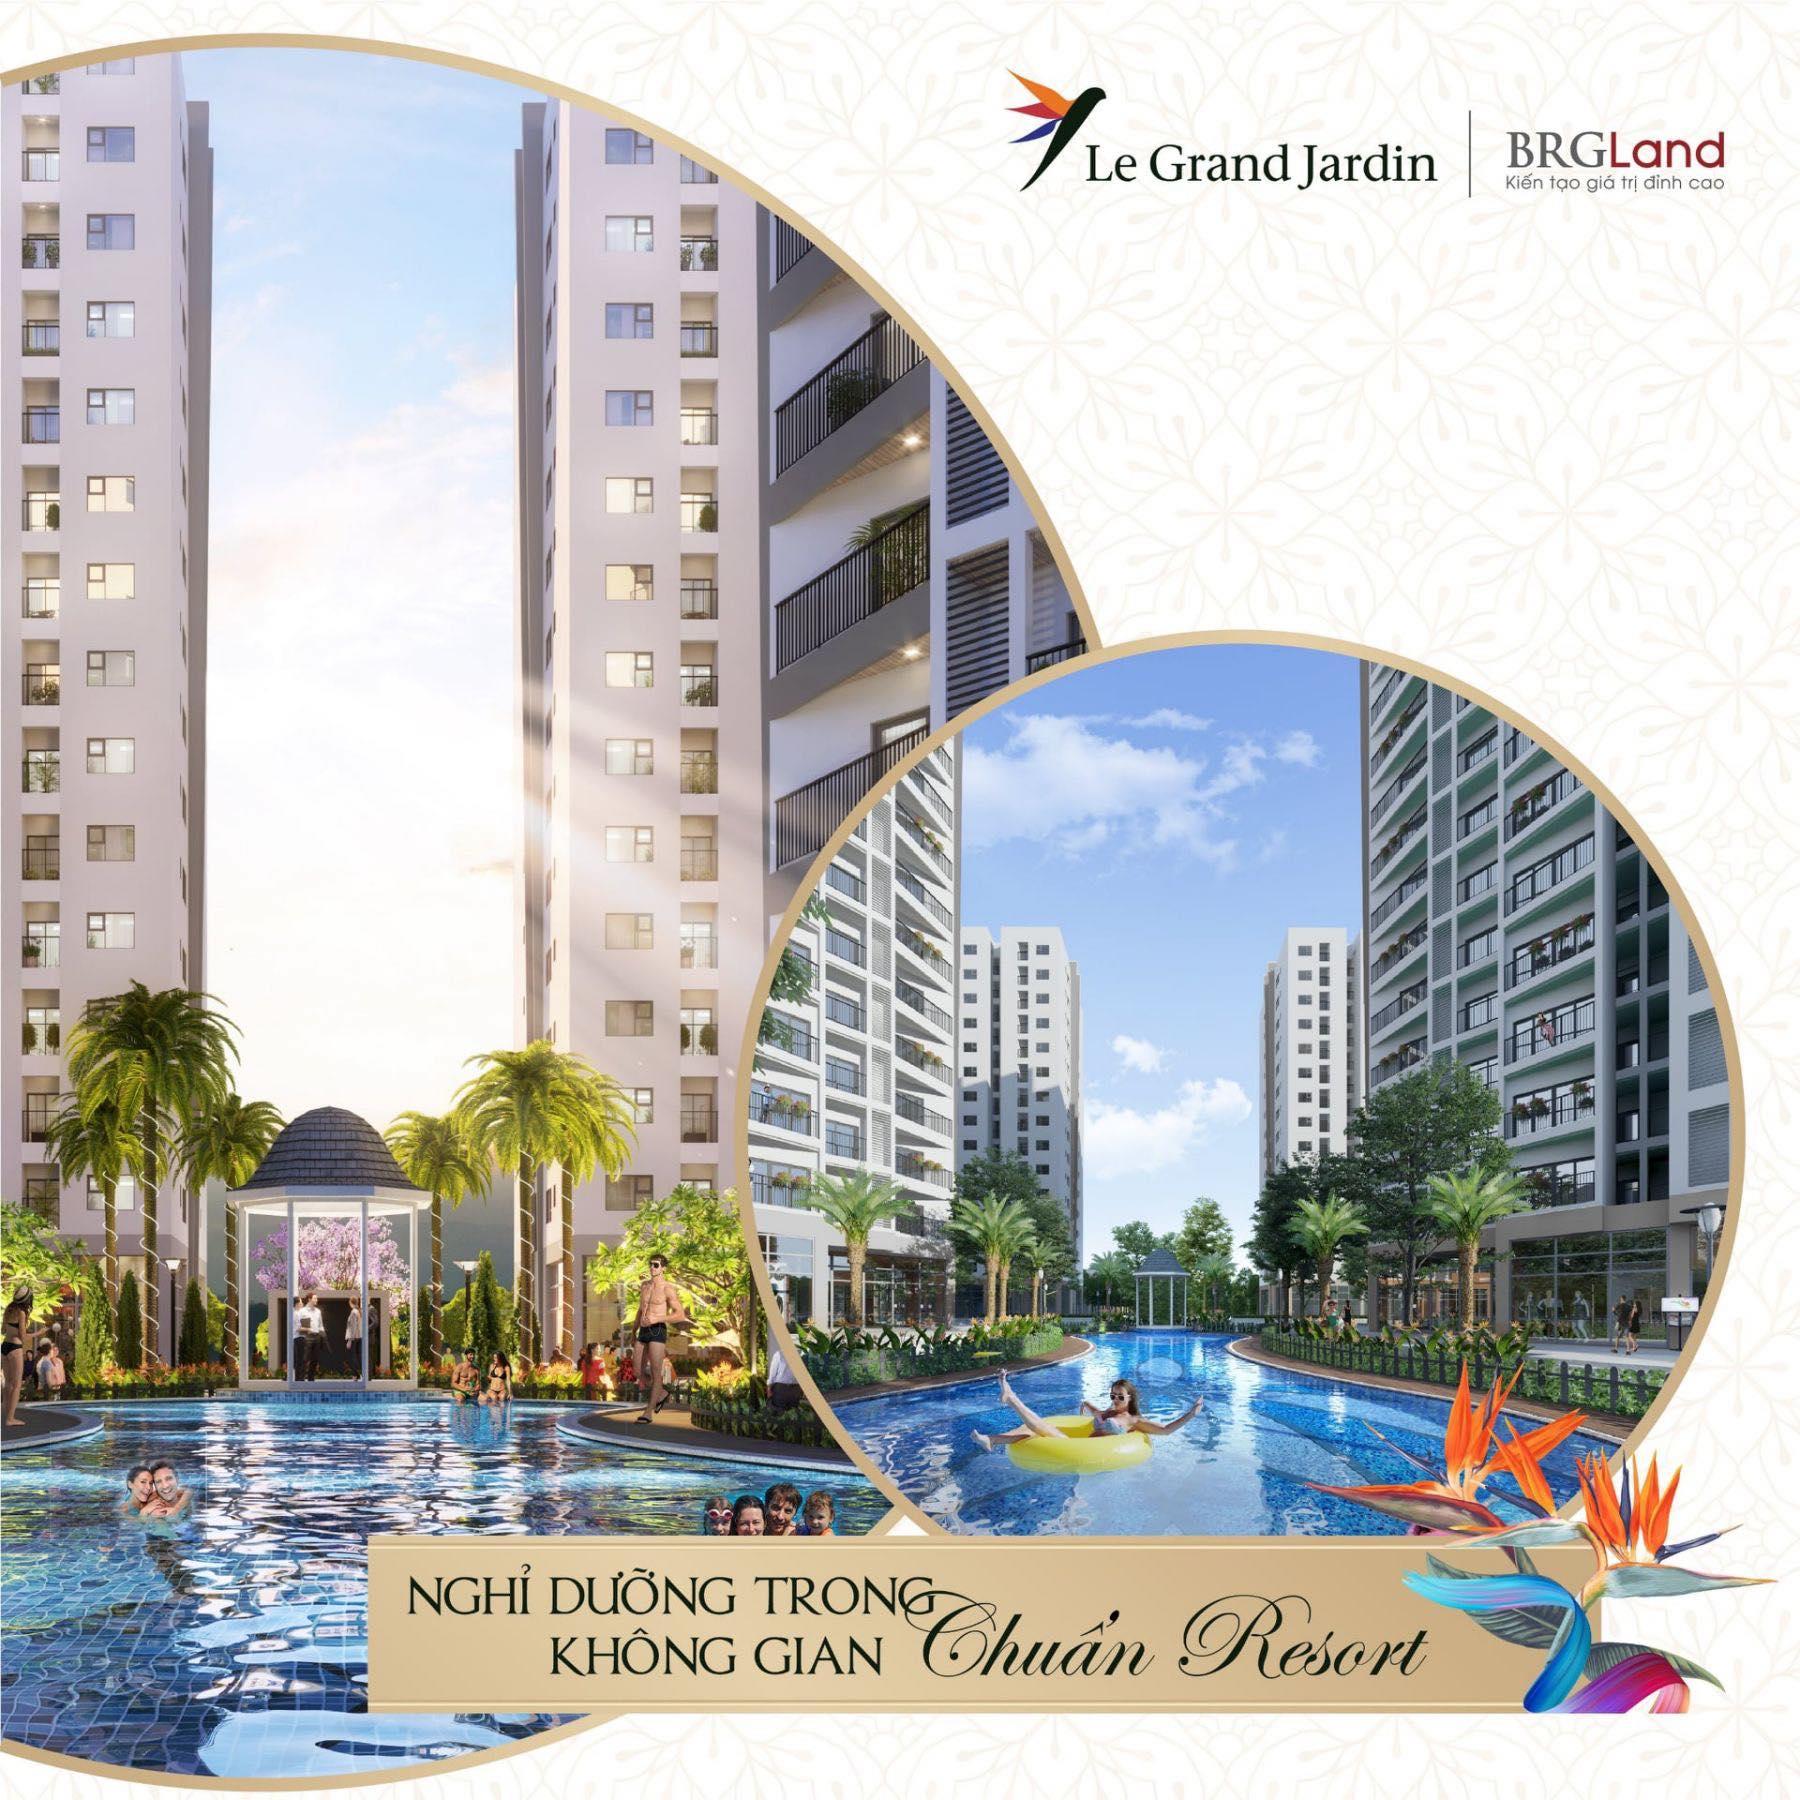 Cần bán Căn hộ chung cư dự án Le Grand Jardin Sài Đồng, Diện tích 65m², Giá 2 Tỷ - LH: 0369888680